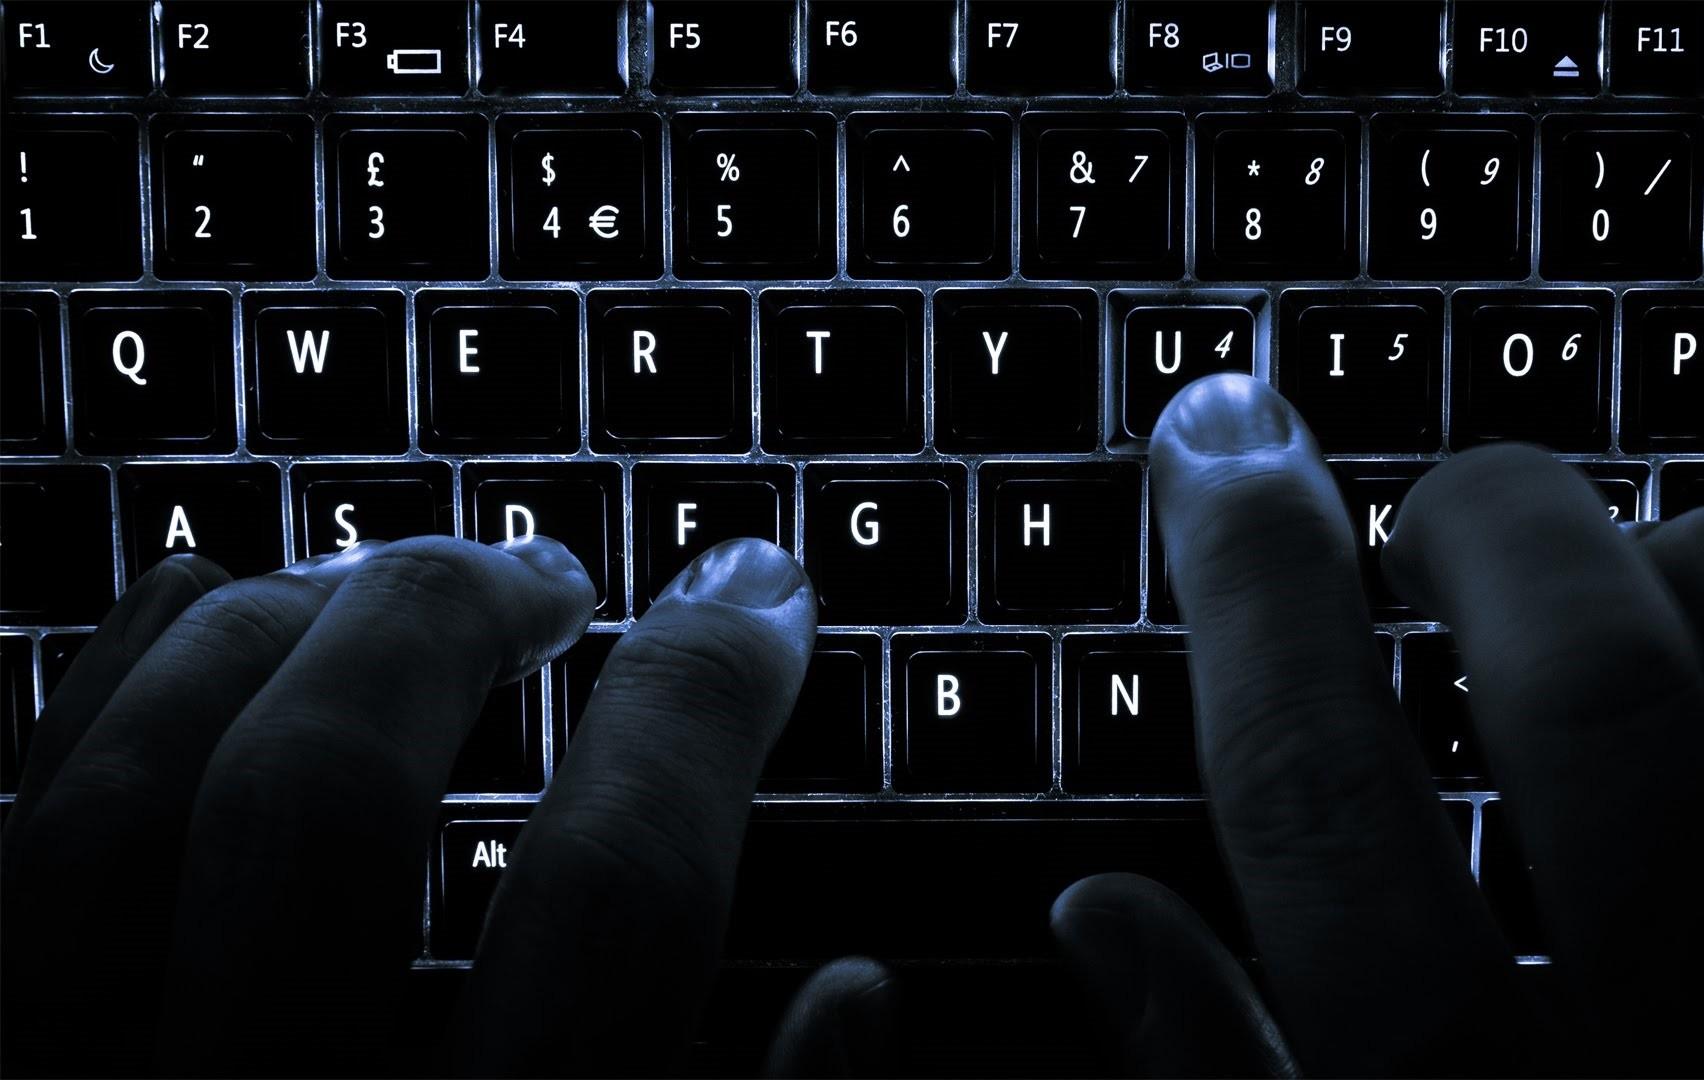 Хакеров из Российской Федерации обвинили ватаке насирийскую оппозицию